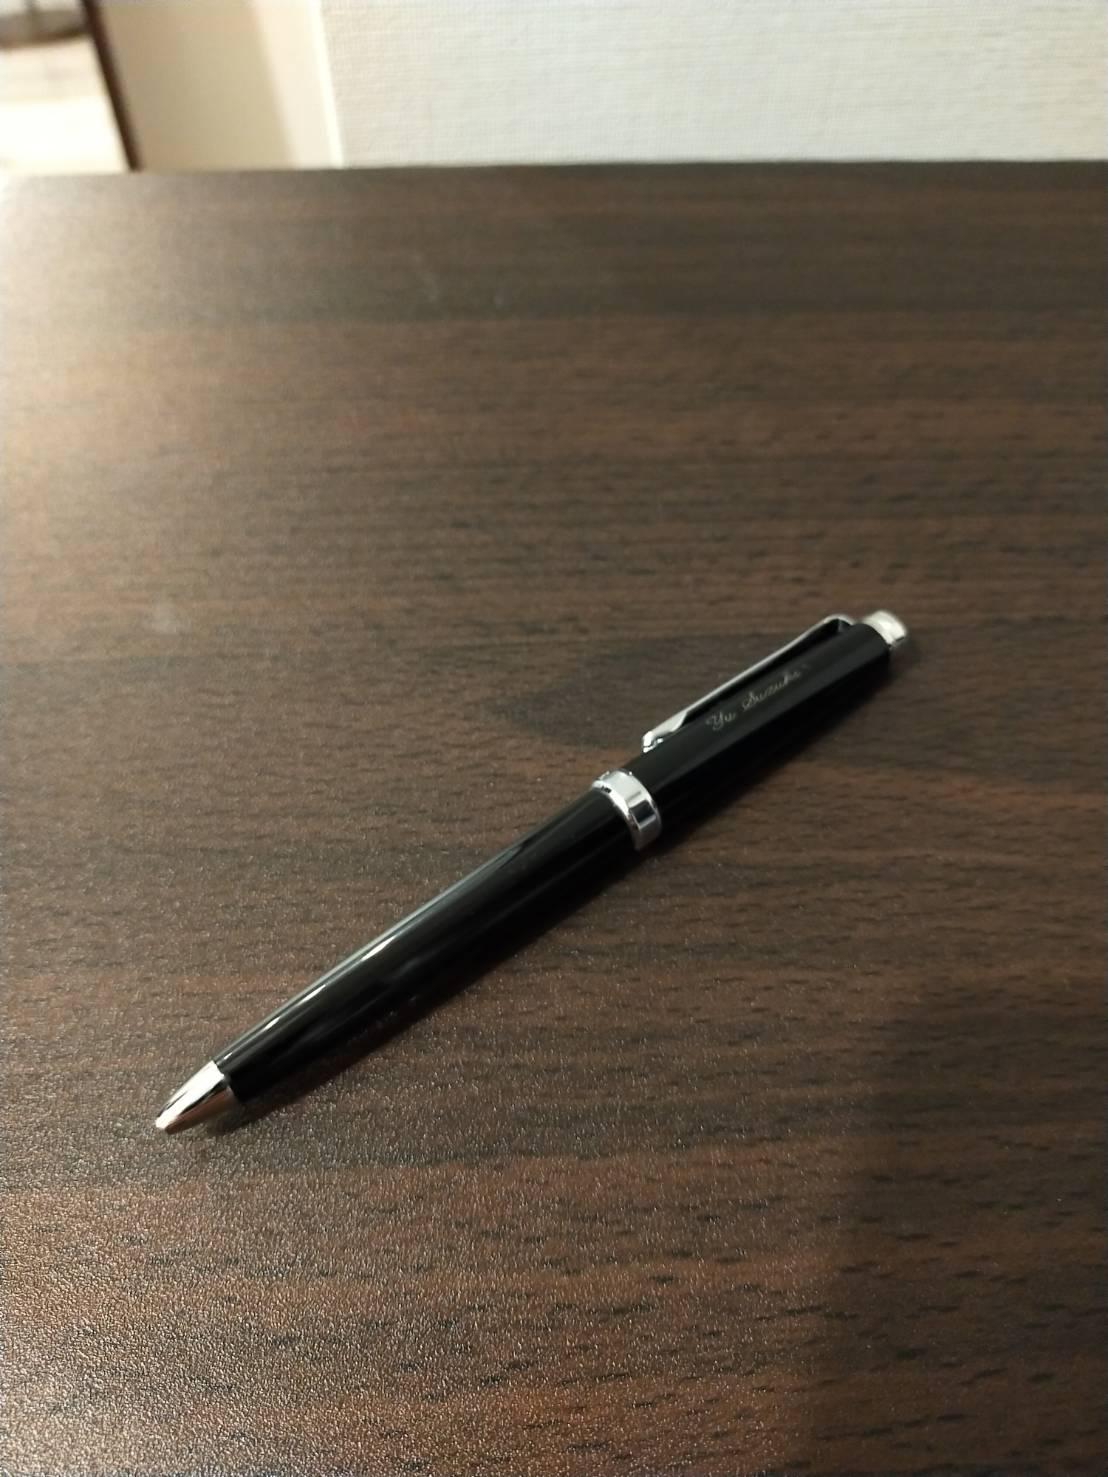 オーダーメイドギフト〈ネクタイ+ボールペン〉【Teoria-テオリア-オンラインショップ】